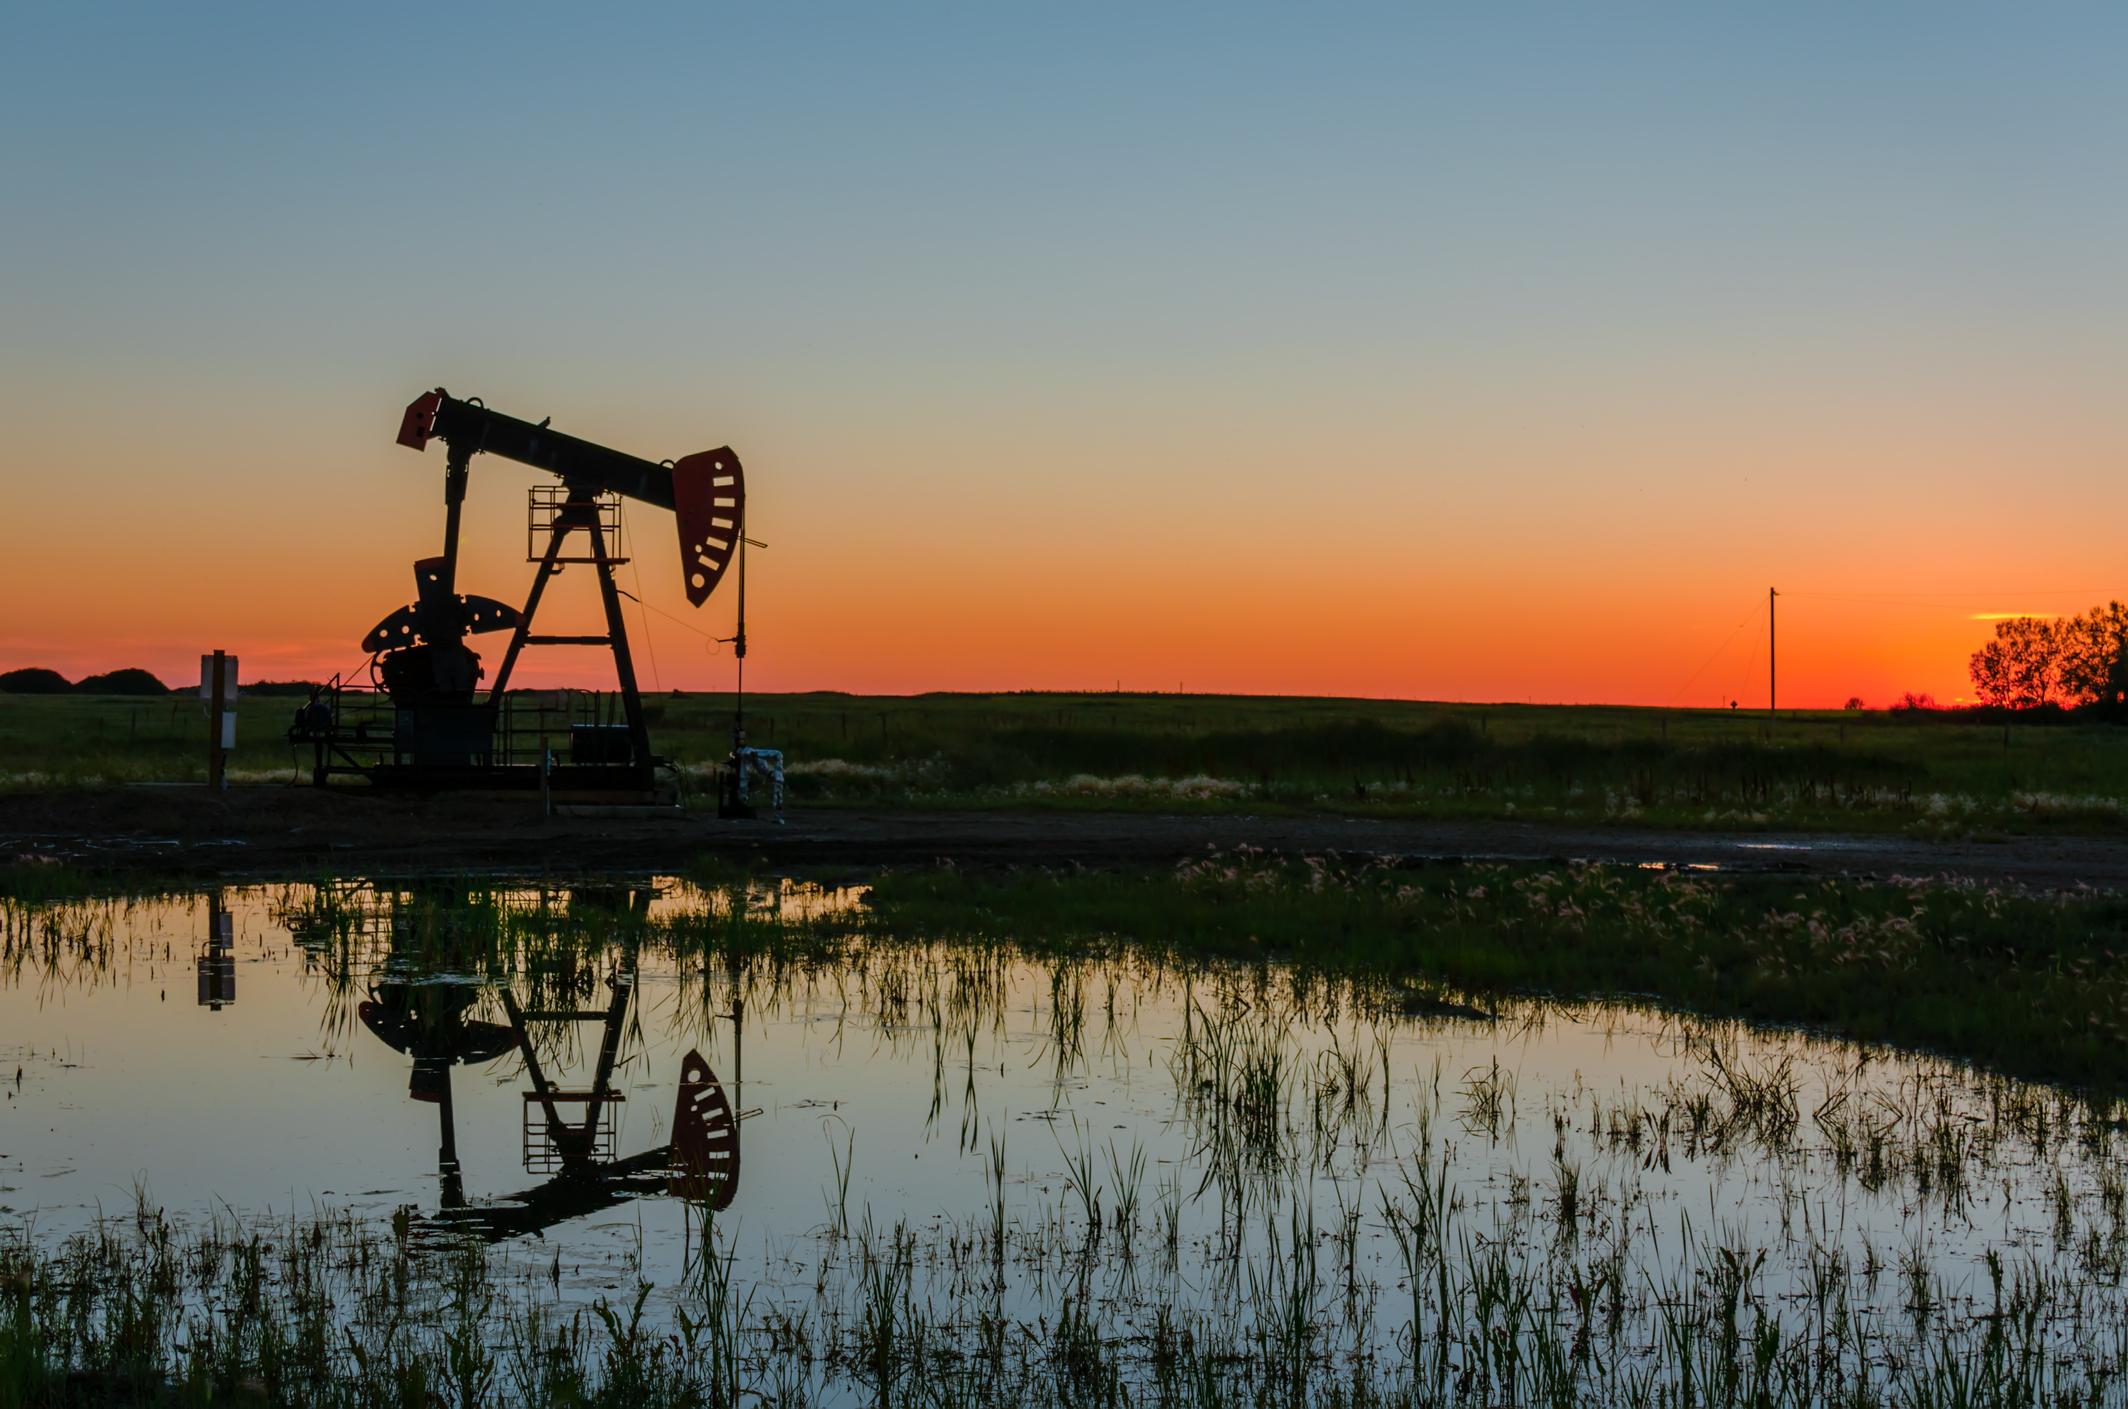 An oil pump next to a pond at sunset.